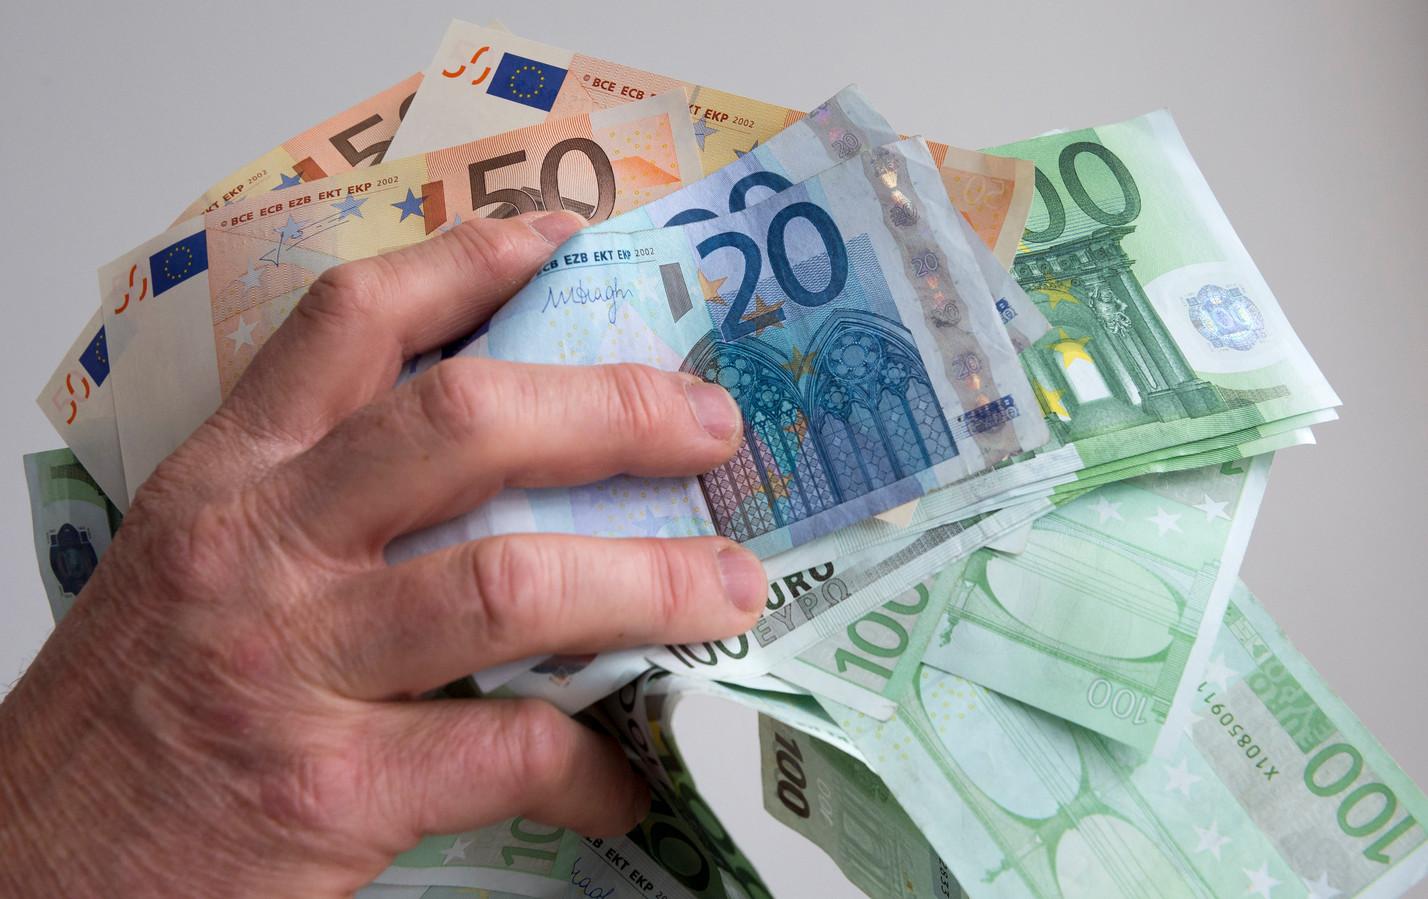 Bij huiszoekingen in vijf panden nam de politie maar liefst 12,8 miljoen euro aan contant geld in beslag.